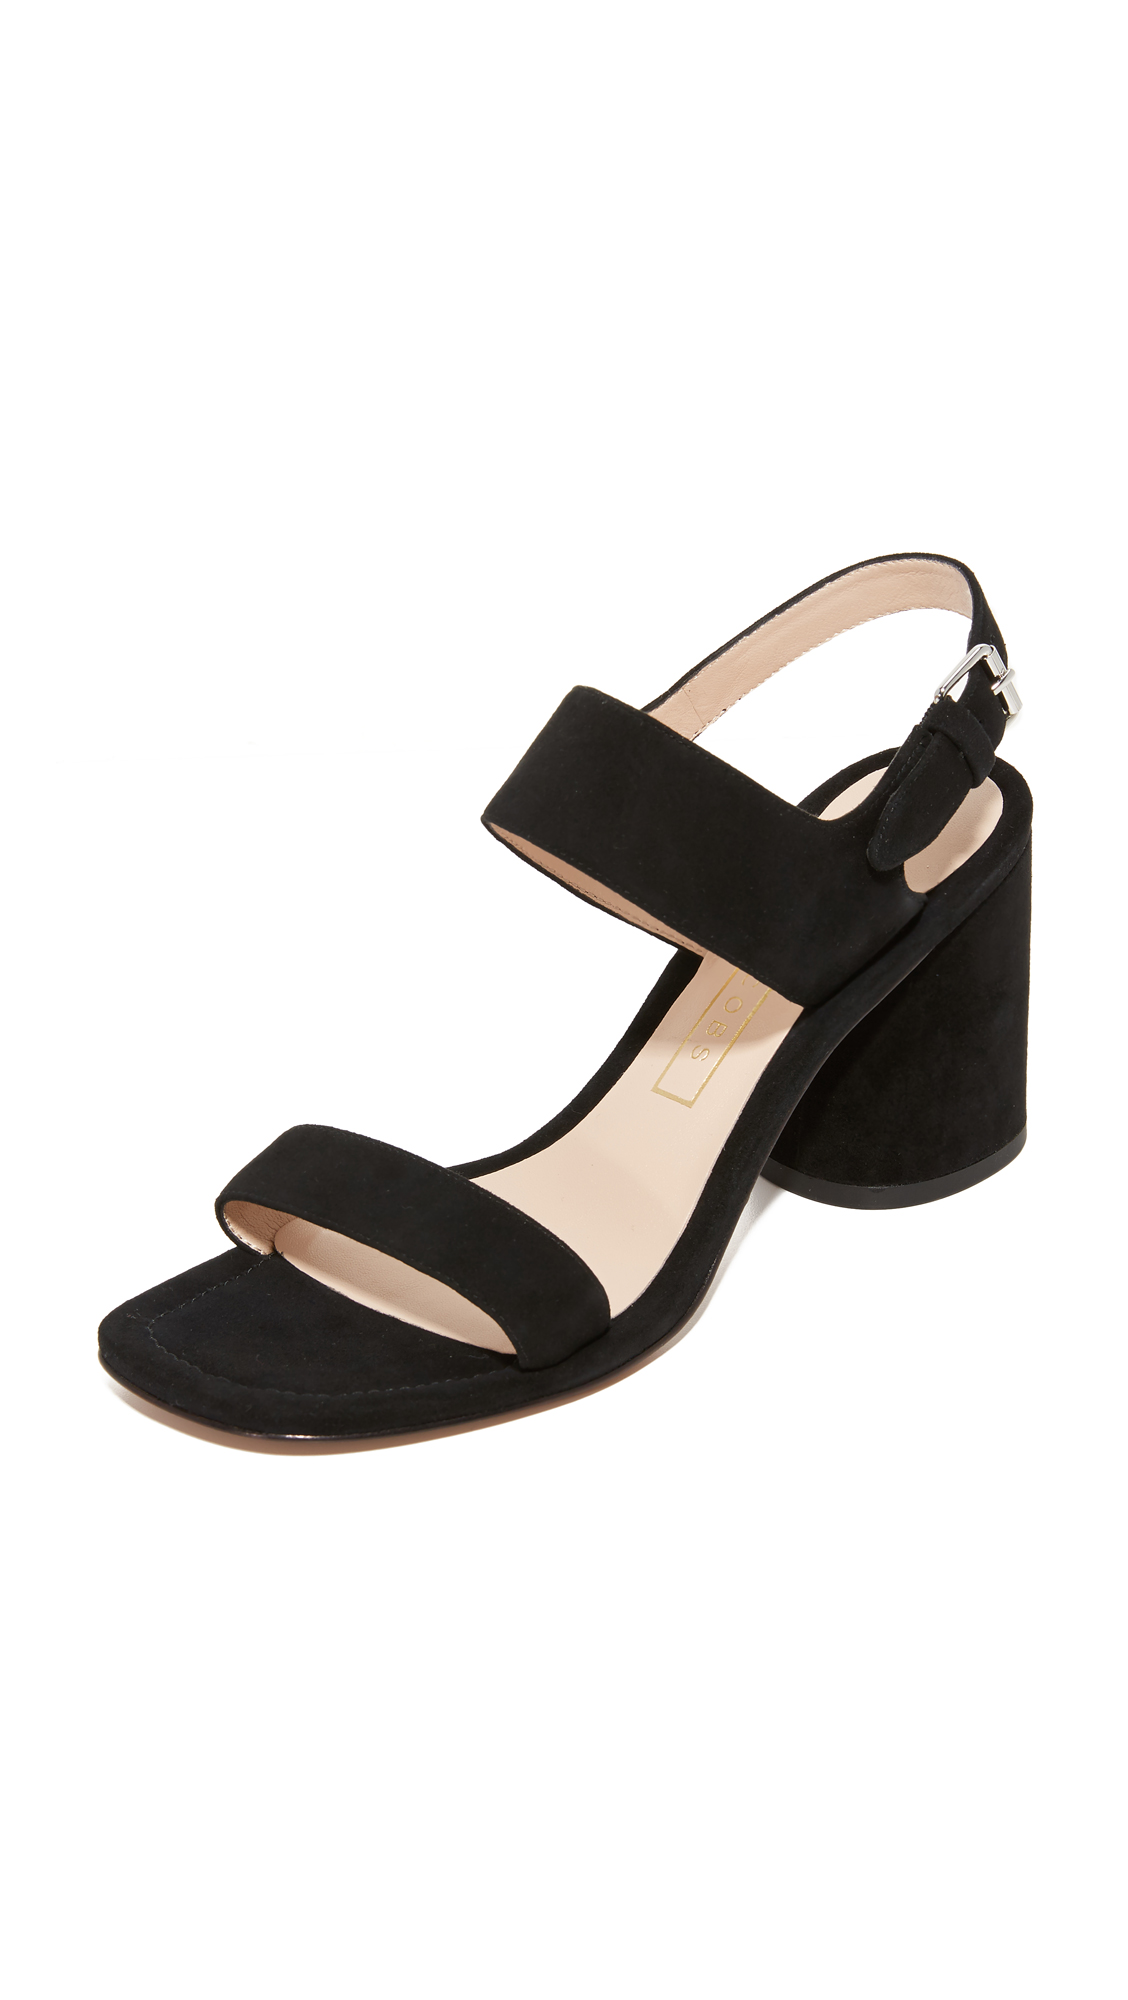 marc jacobs female marc jacobs emilie strap sandals black